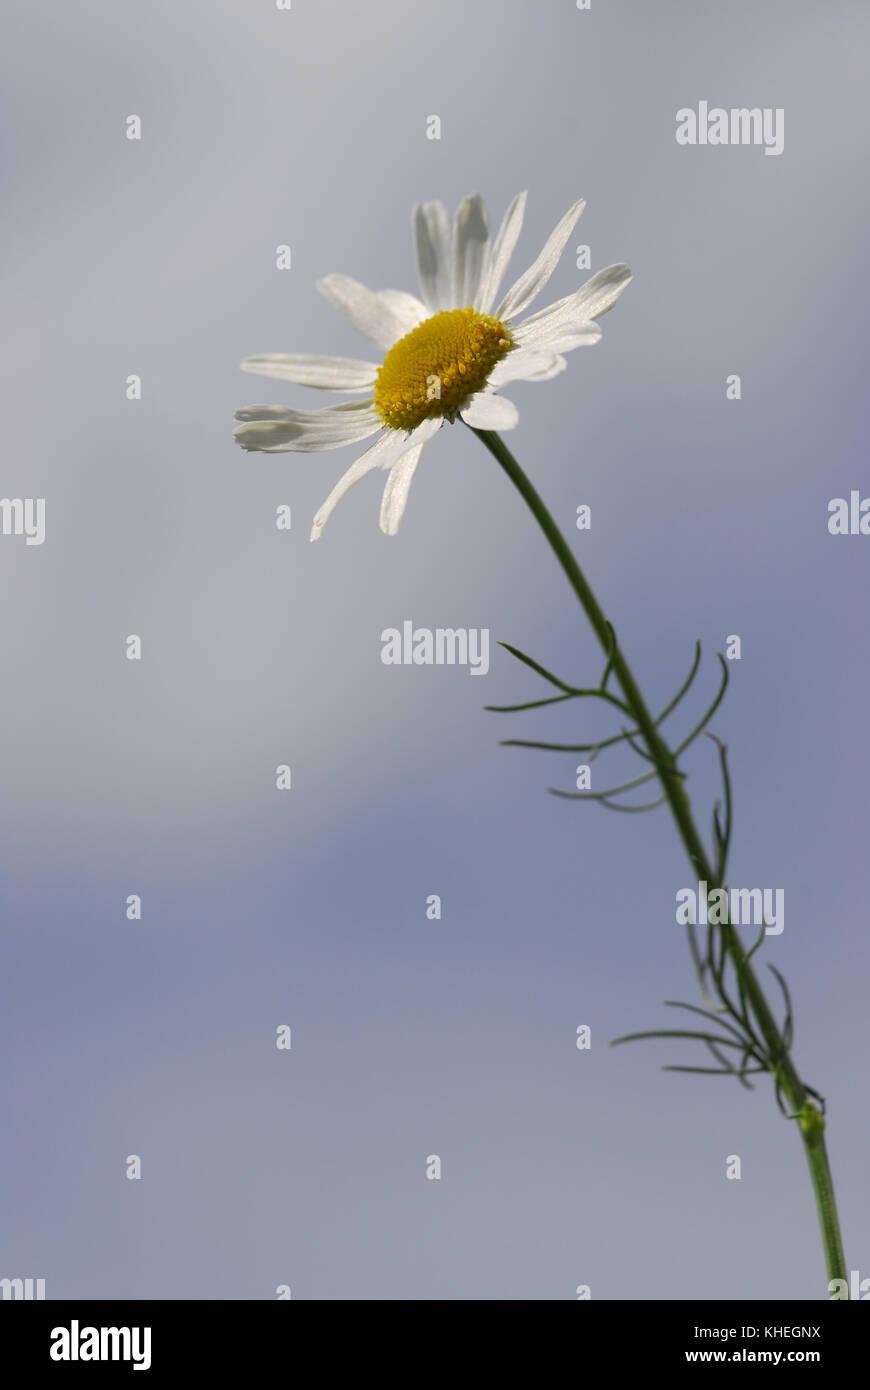 La Camomille La Fleur Blanche Avec Un Cœur Jaune Sur Une Longue